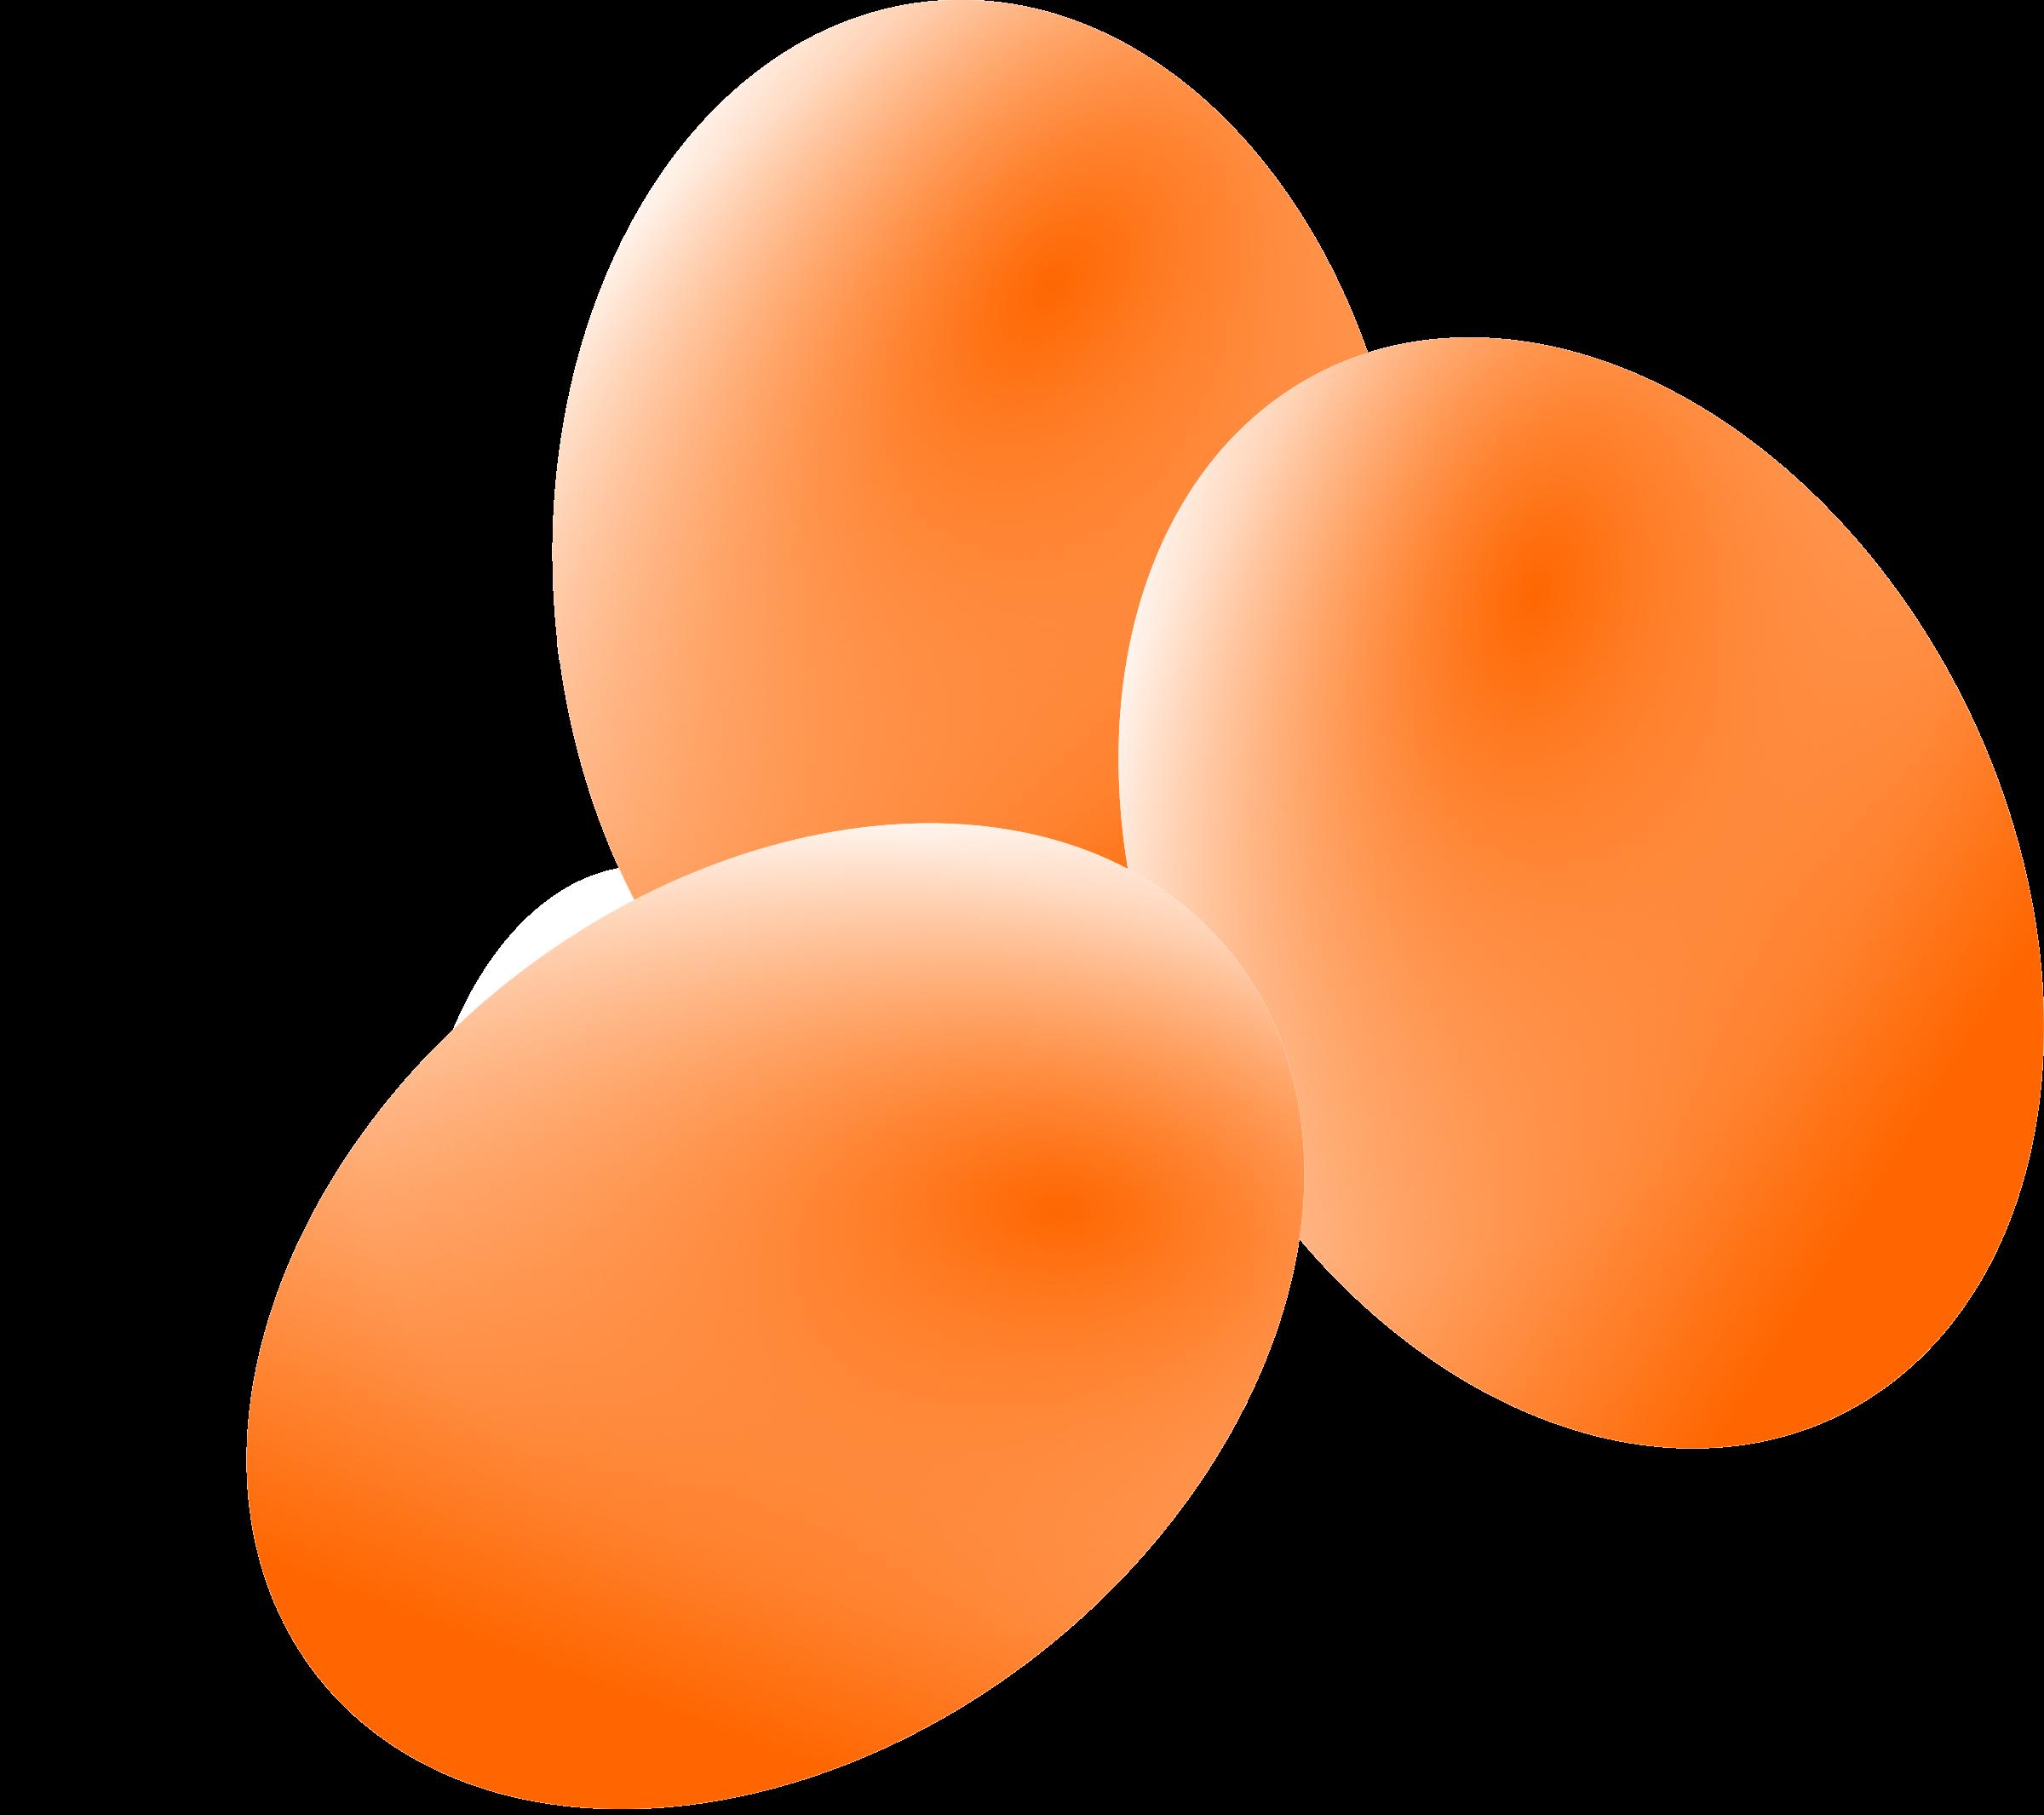 2400x2131 Free Egg Egg Clip Art Free Vector 4vector Clipartandscrap